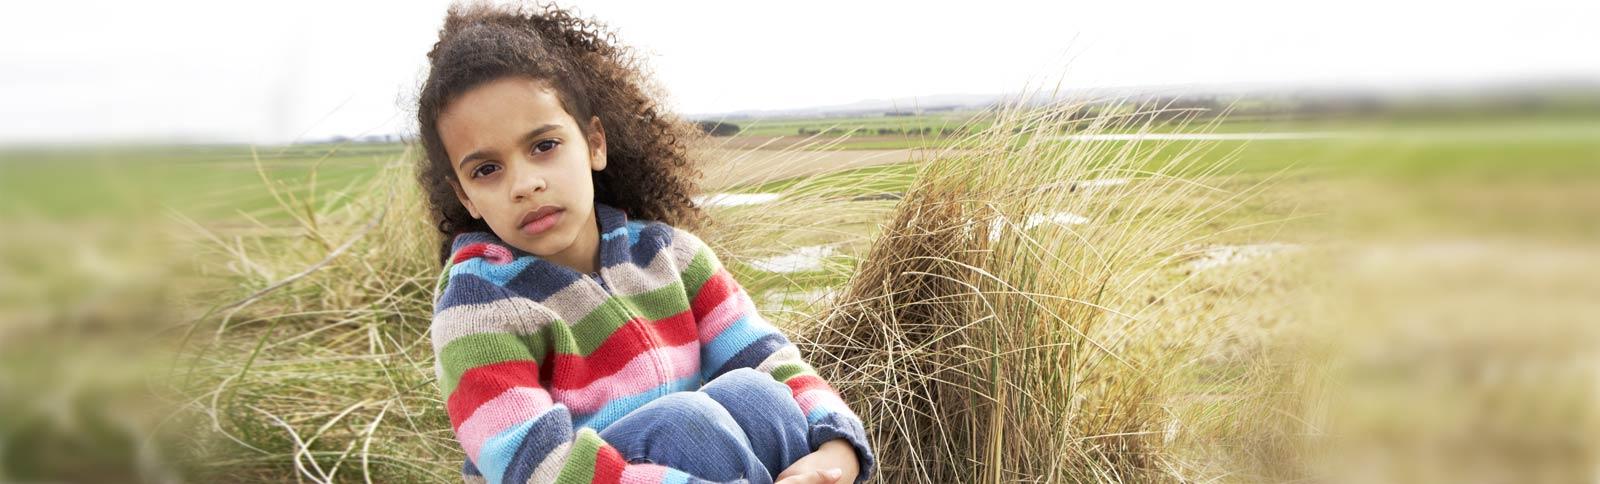 foster children wisconsin